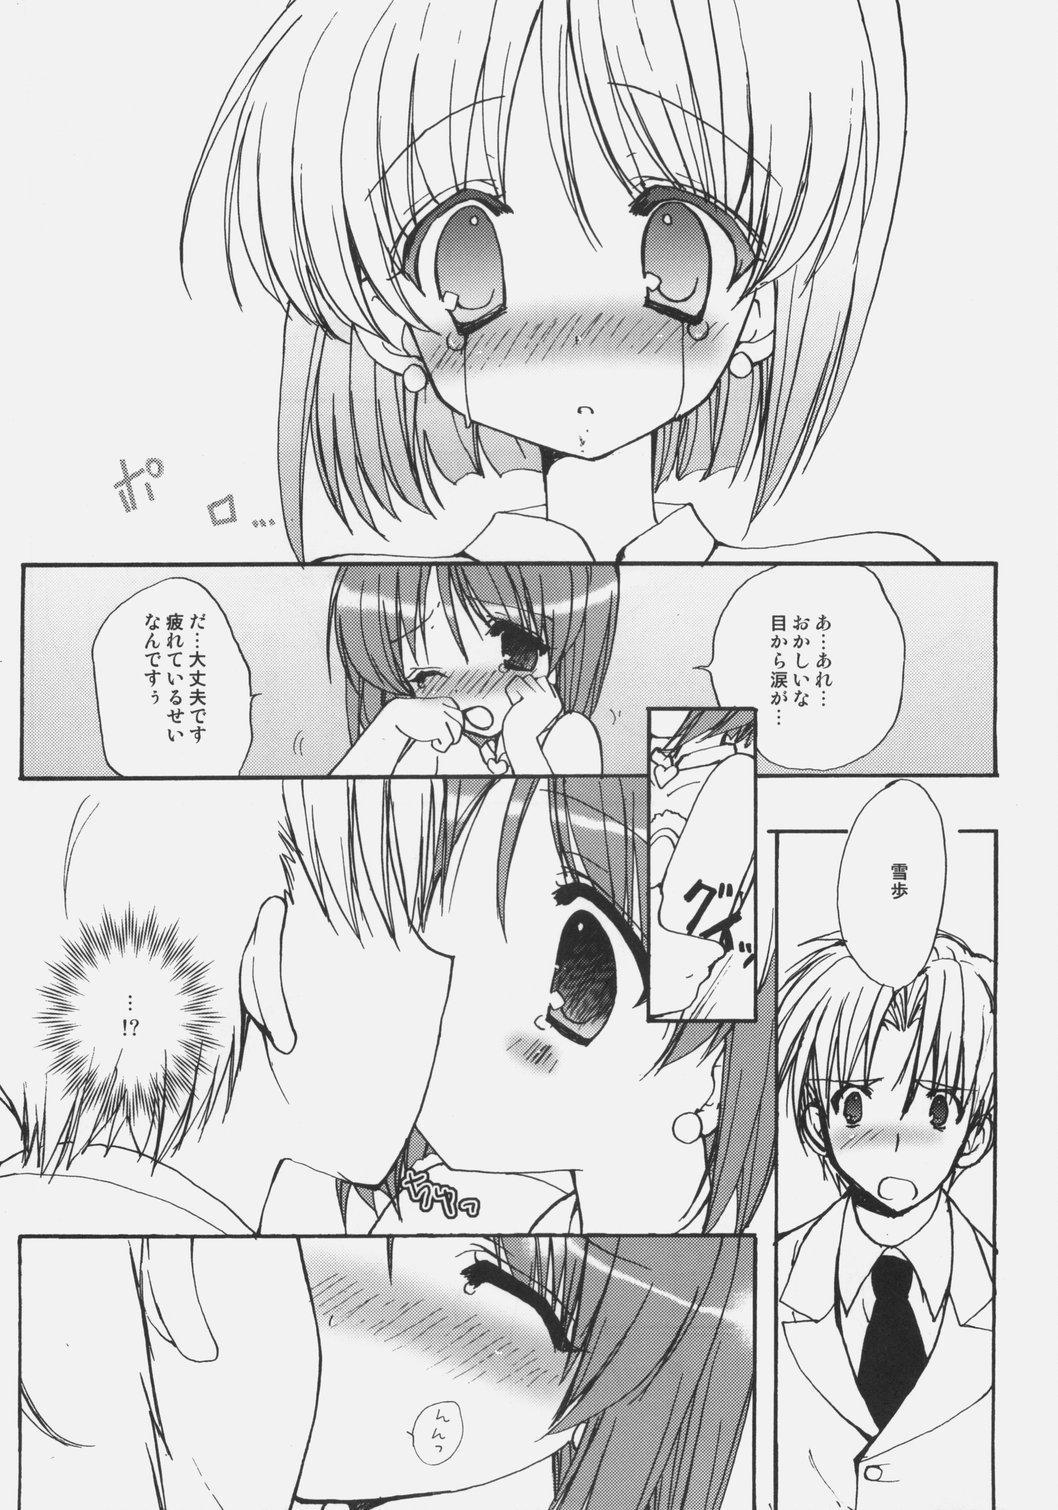 Koiiro Kansen 8